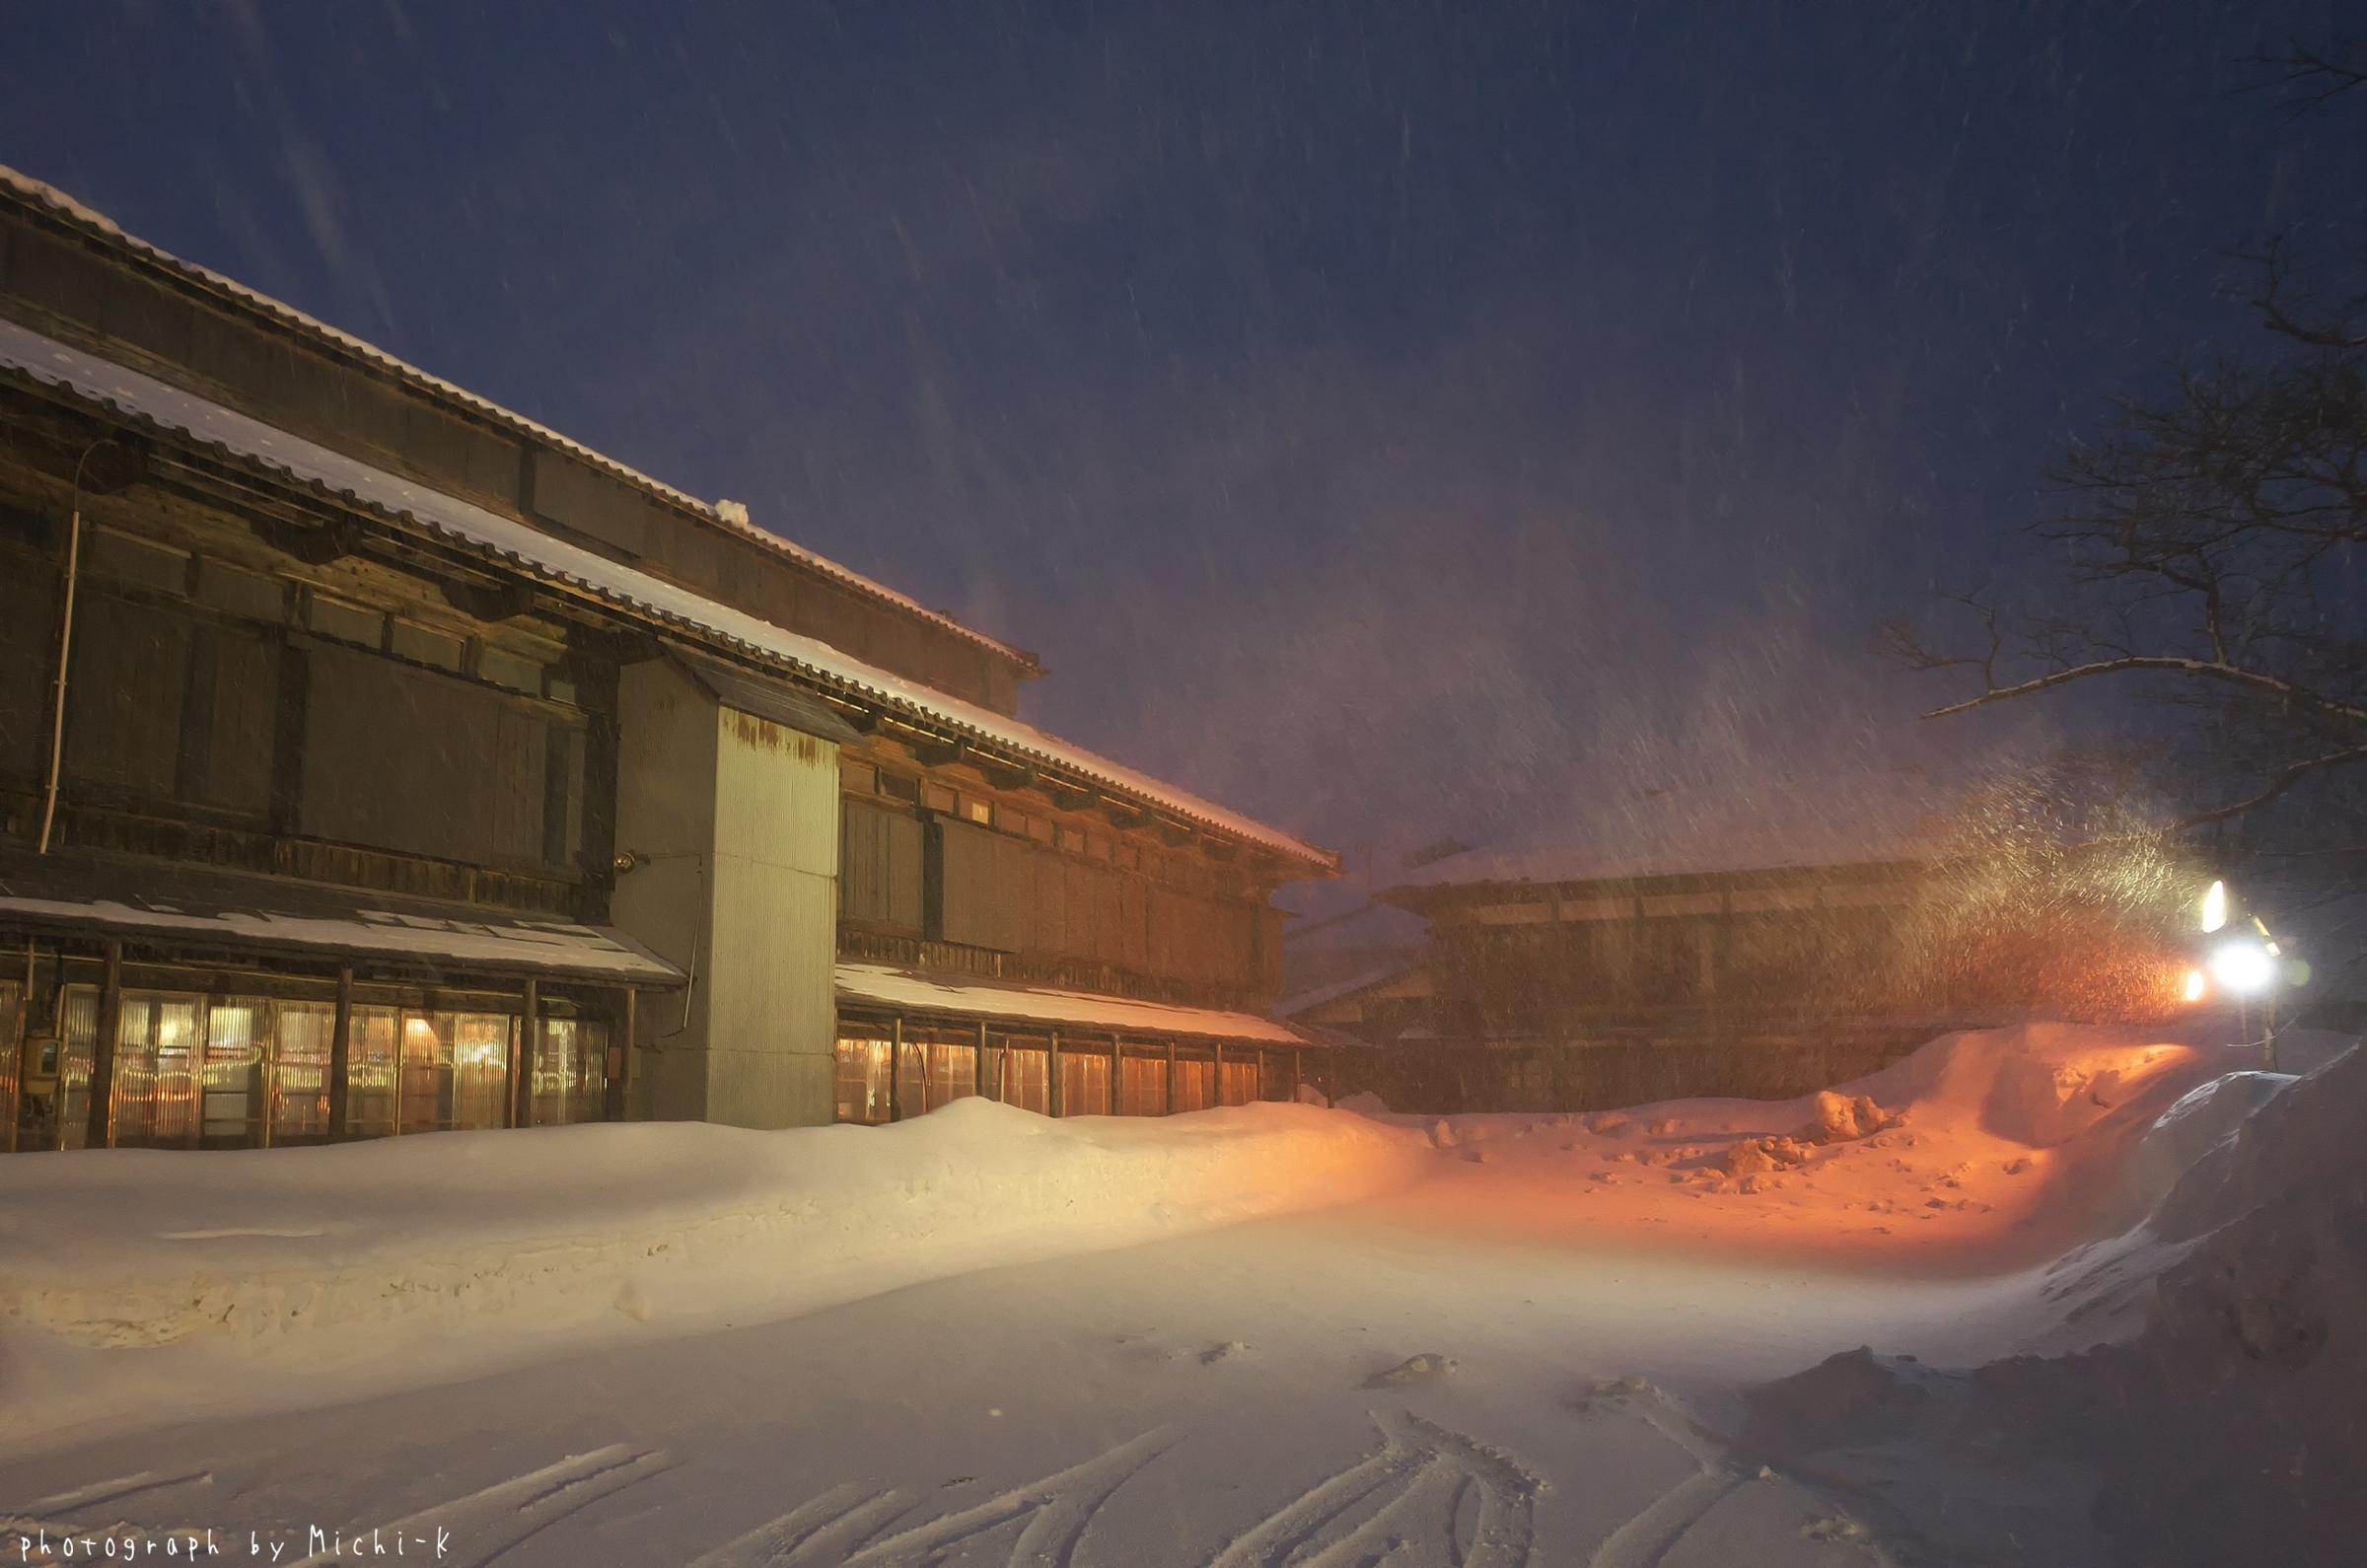 鶴岡市松ヶ丘雪灯篭まつり2018-2-18その4